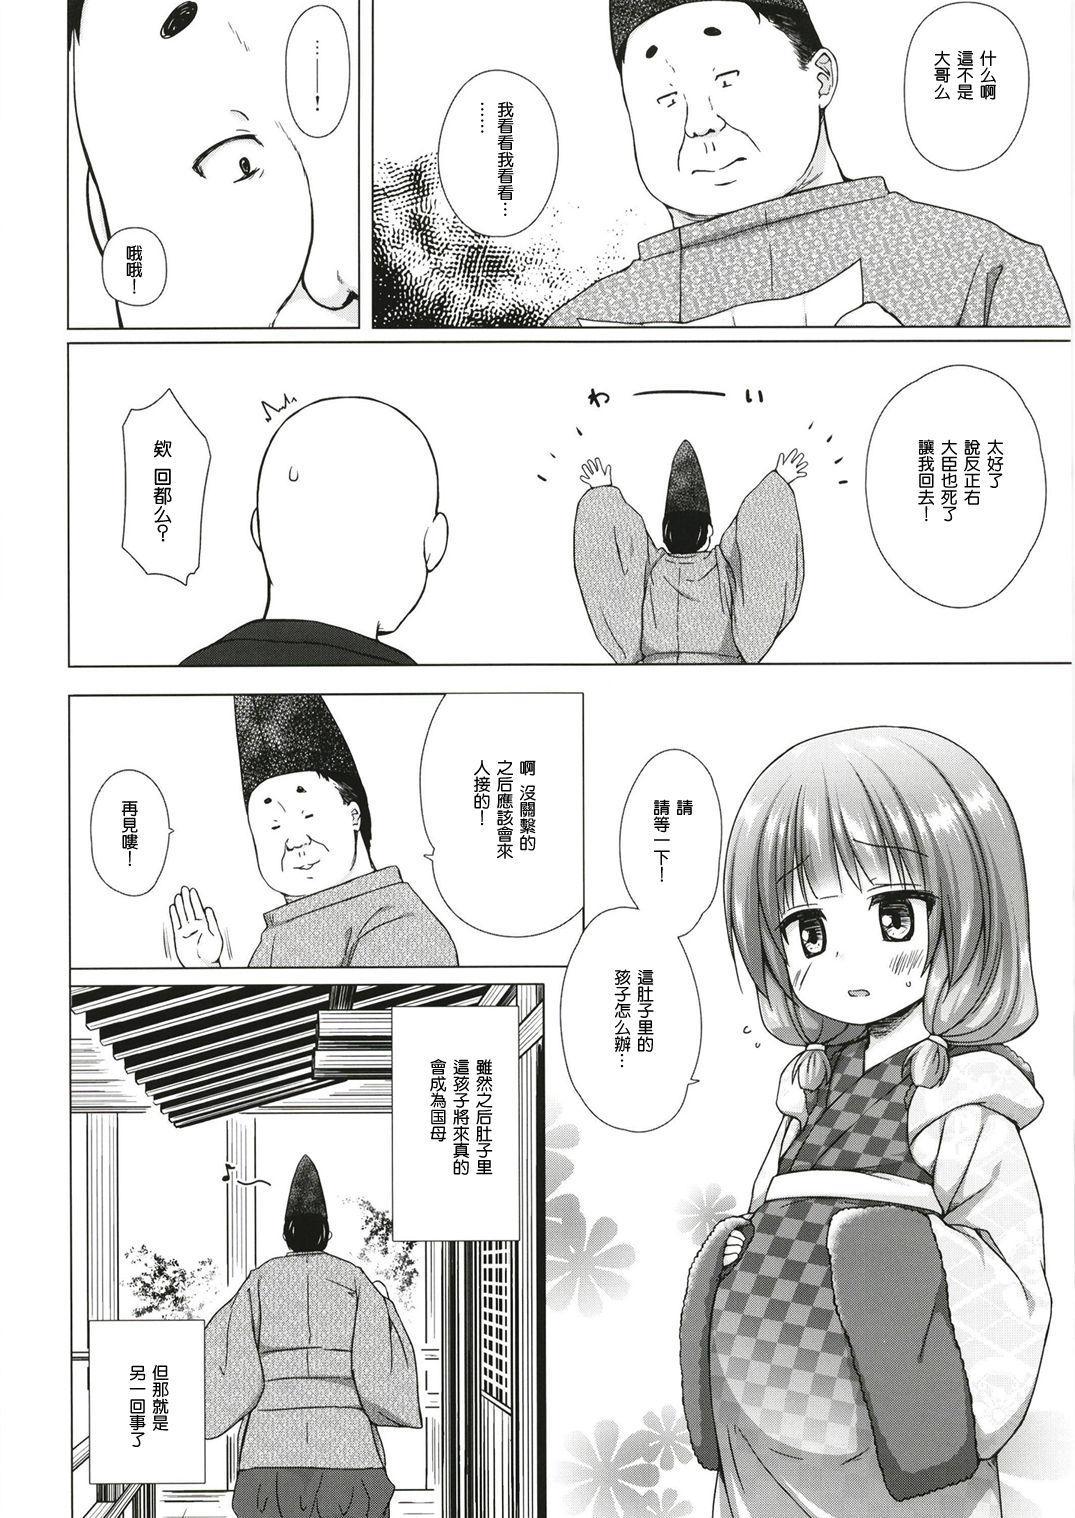 Hikari no Kimi no Saganaki Keikaku <Akashi> 19